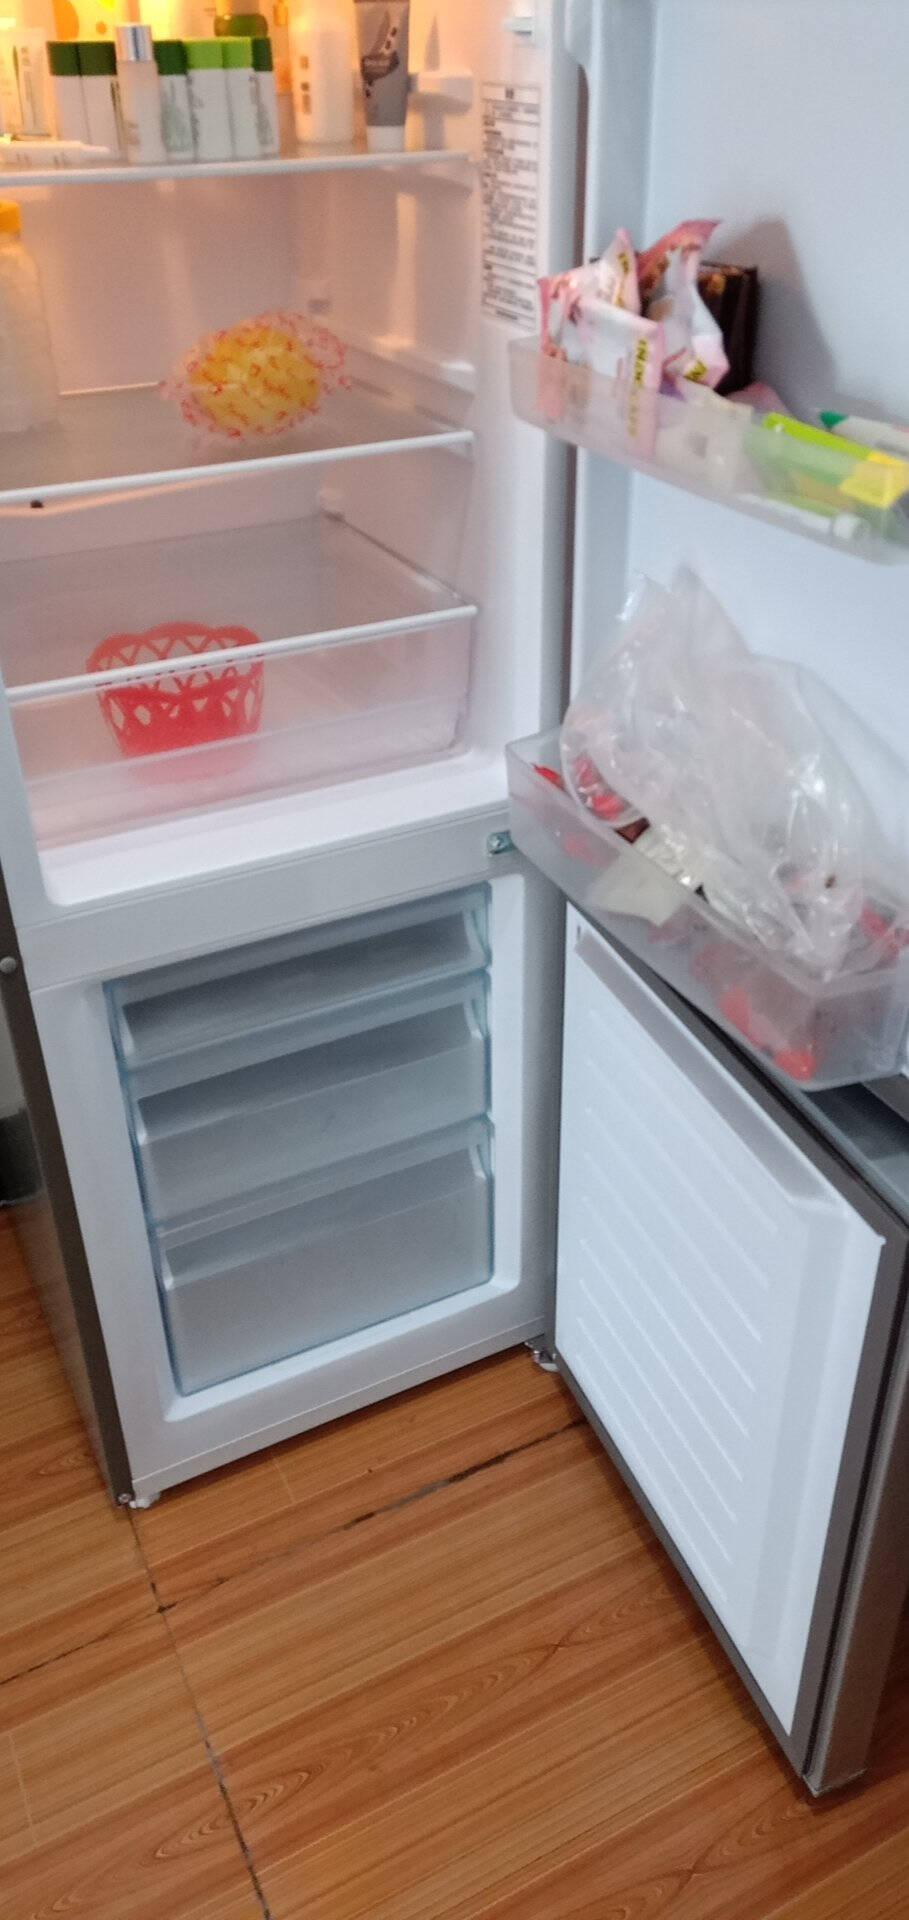 【海尔旗舰店】海尔冰箱统帅系列177升冰箱小型双开门冷藏冷冻家用节能小冰箱深冷速冻宿舍出租房电冰箱